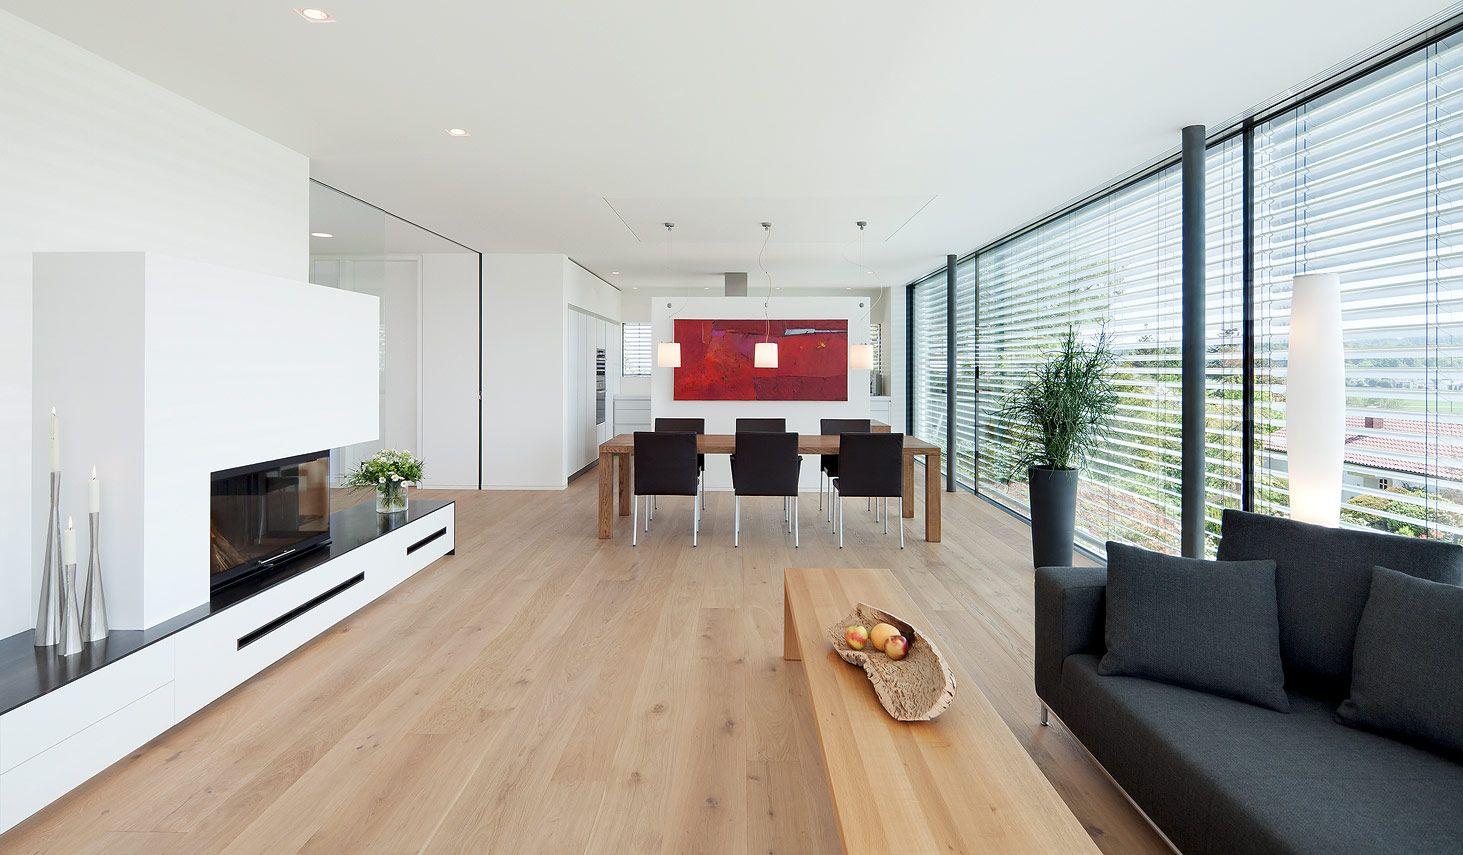 berschneider berschneider architekten bda innenarchitekten neumarkt netto plus. Black Bedroom Furniture Sets. Home Design Ideas